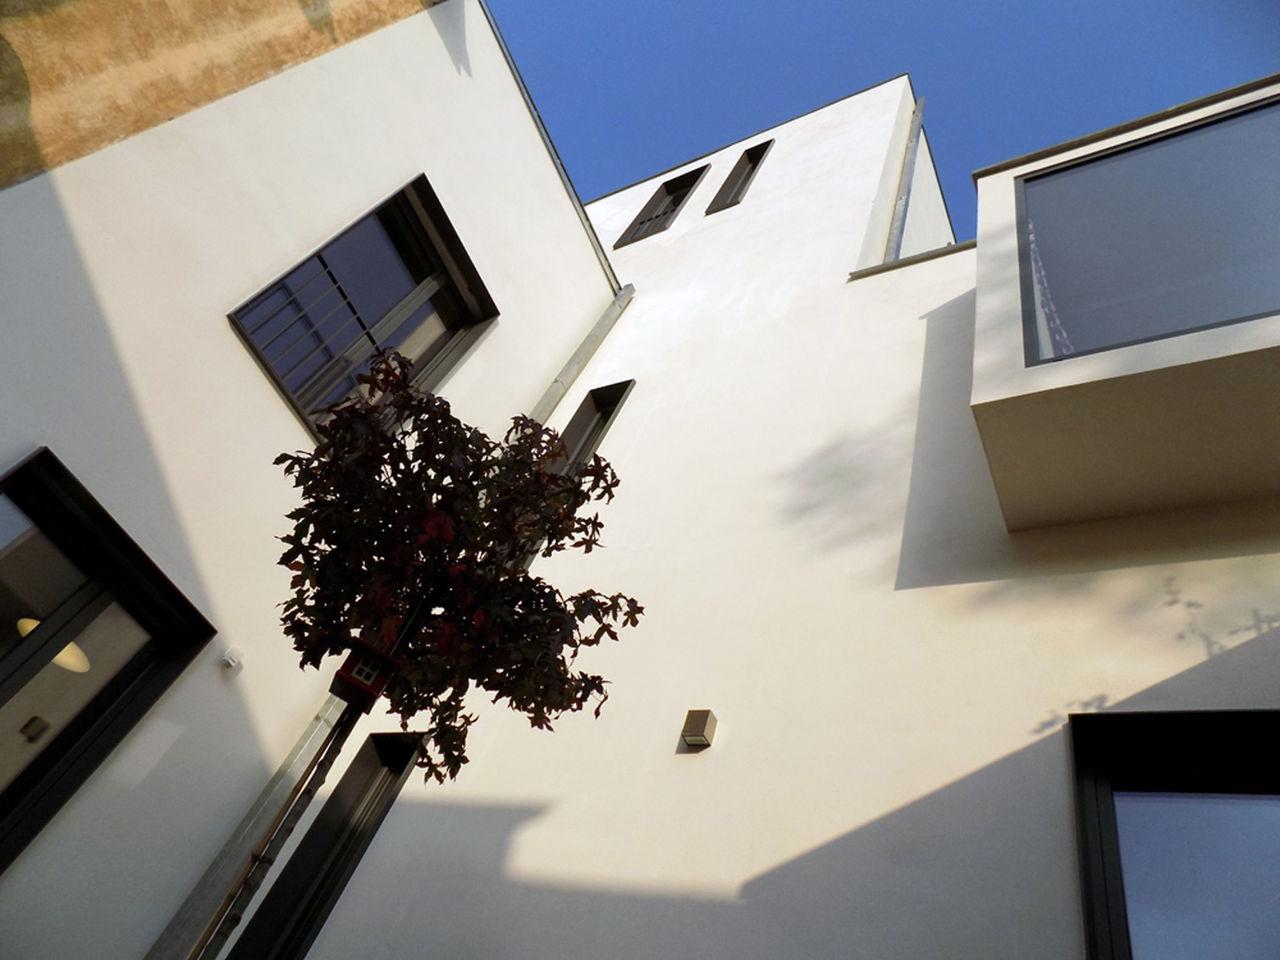 reihenhaus einrichten nachhaltiges bauwerk rustikalen elementen, architektenkammer rheinland-pfalz: programm, Design ideen